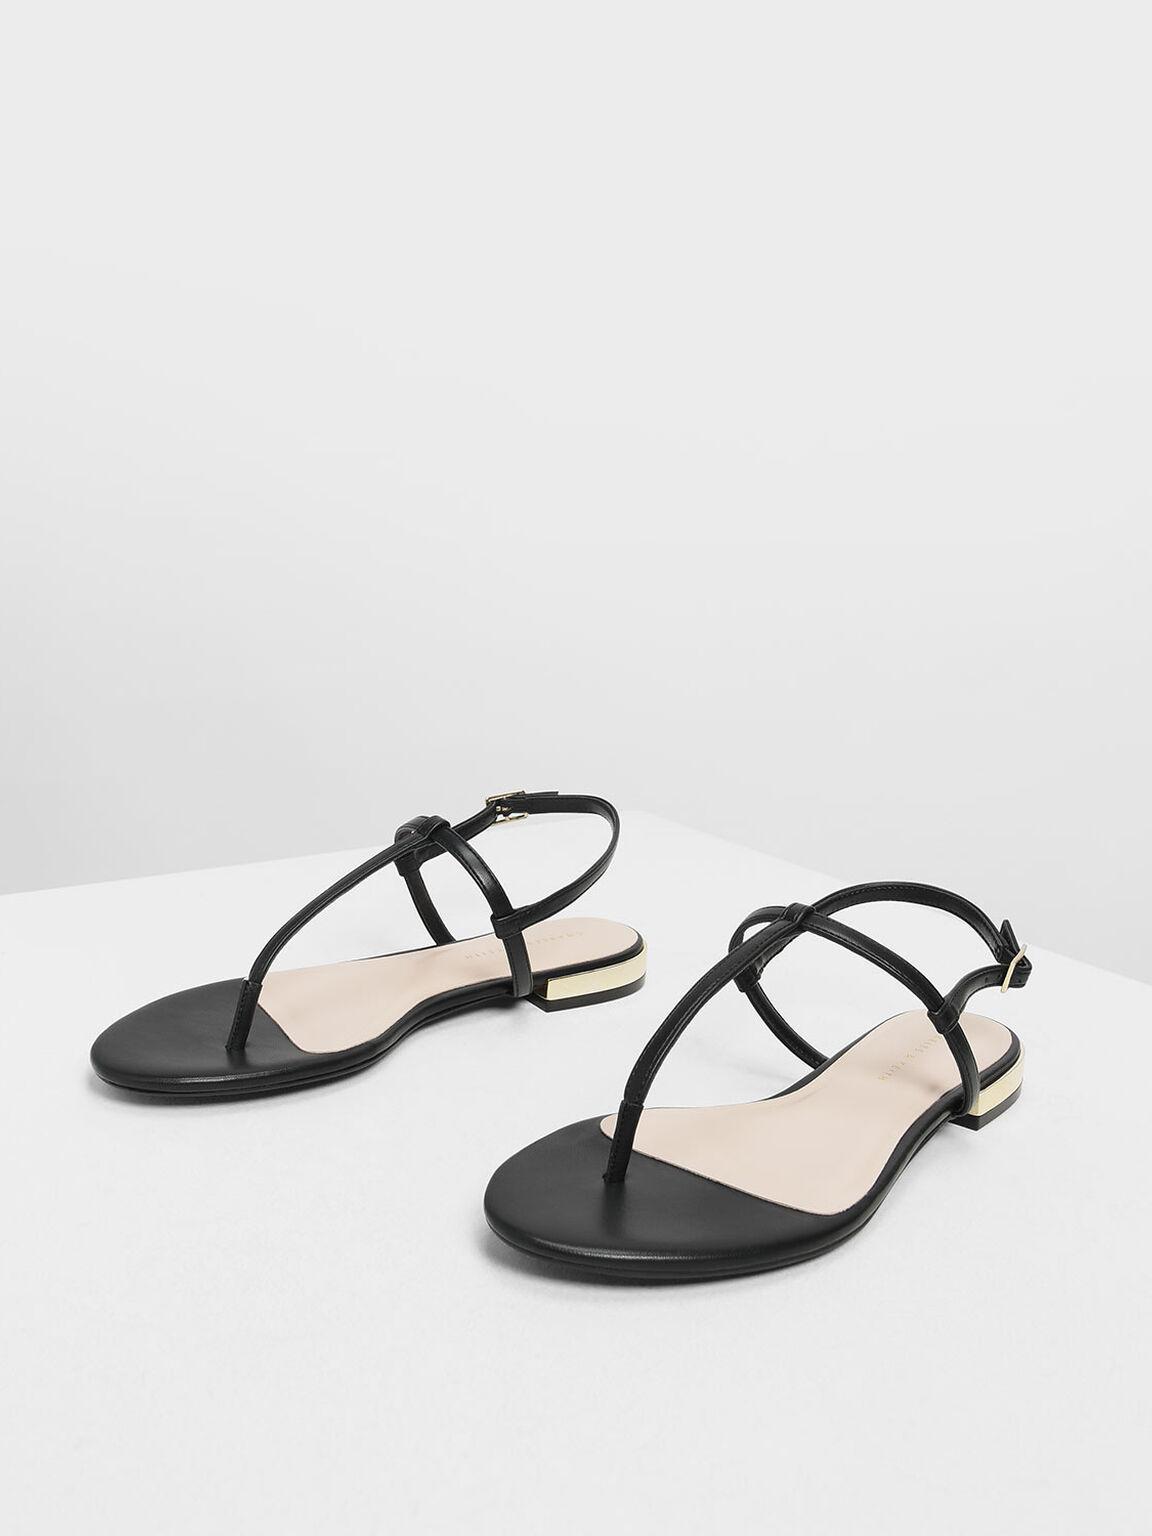 Gold Mini Heel T-bar Sandals, Black, hi-res